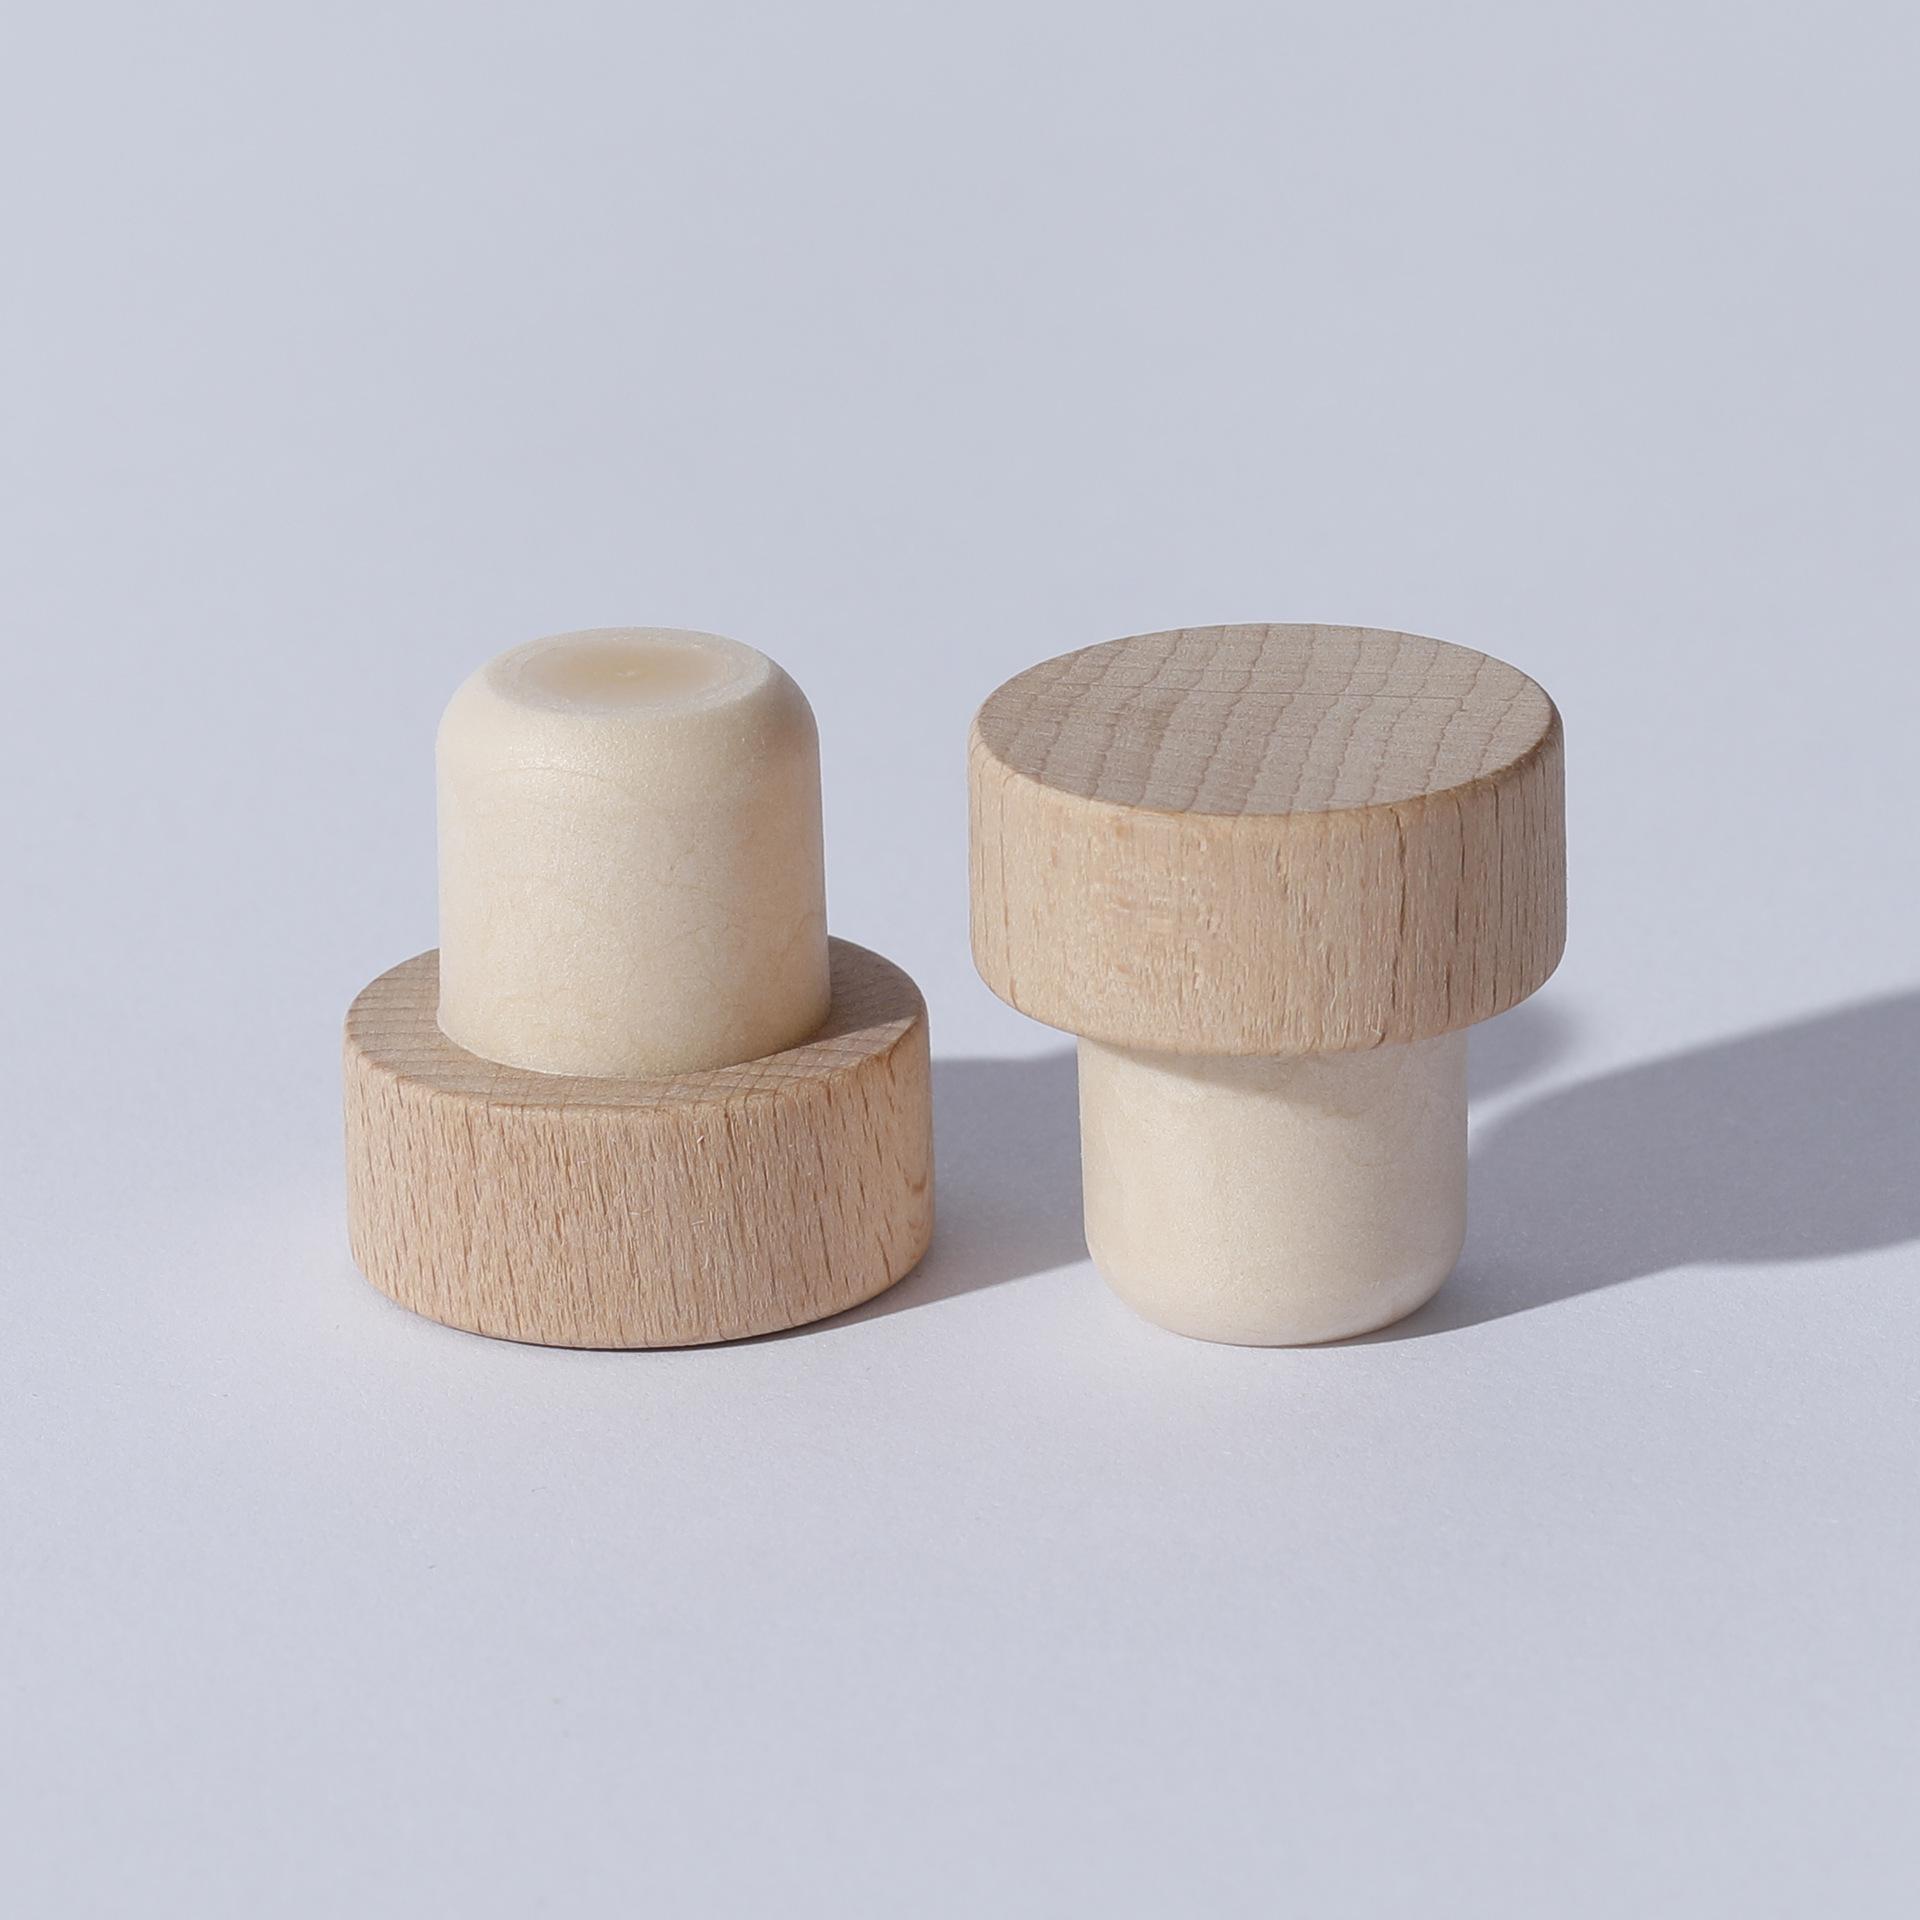 木头塞高分子瓶塞  新结构嵌件无胶水